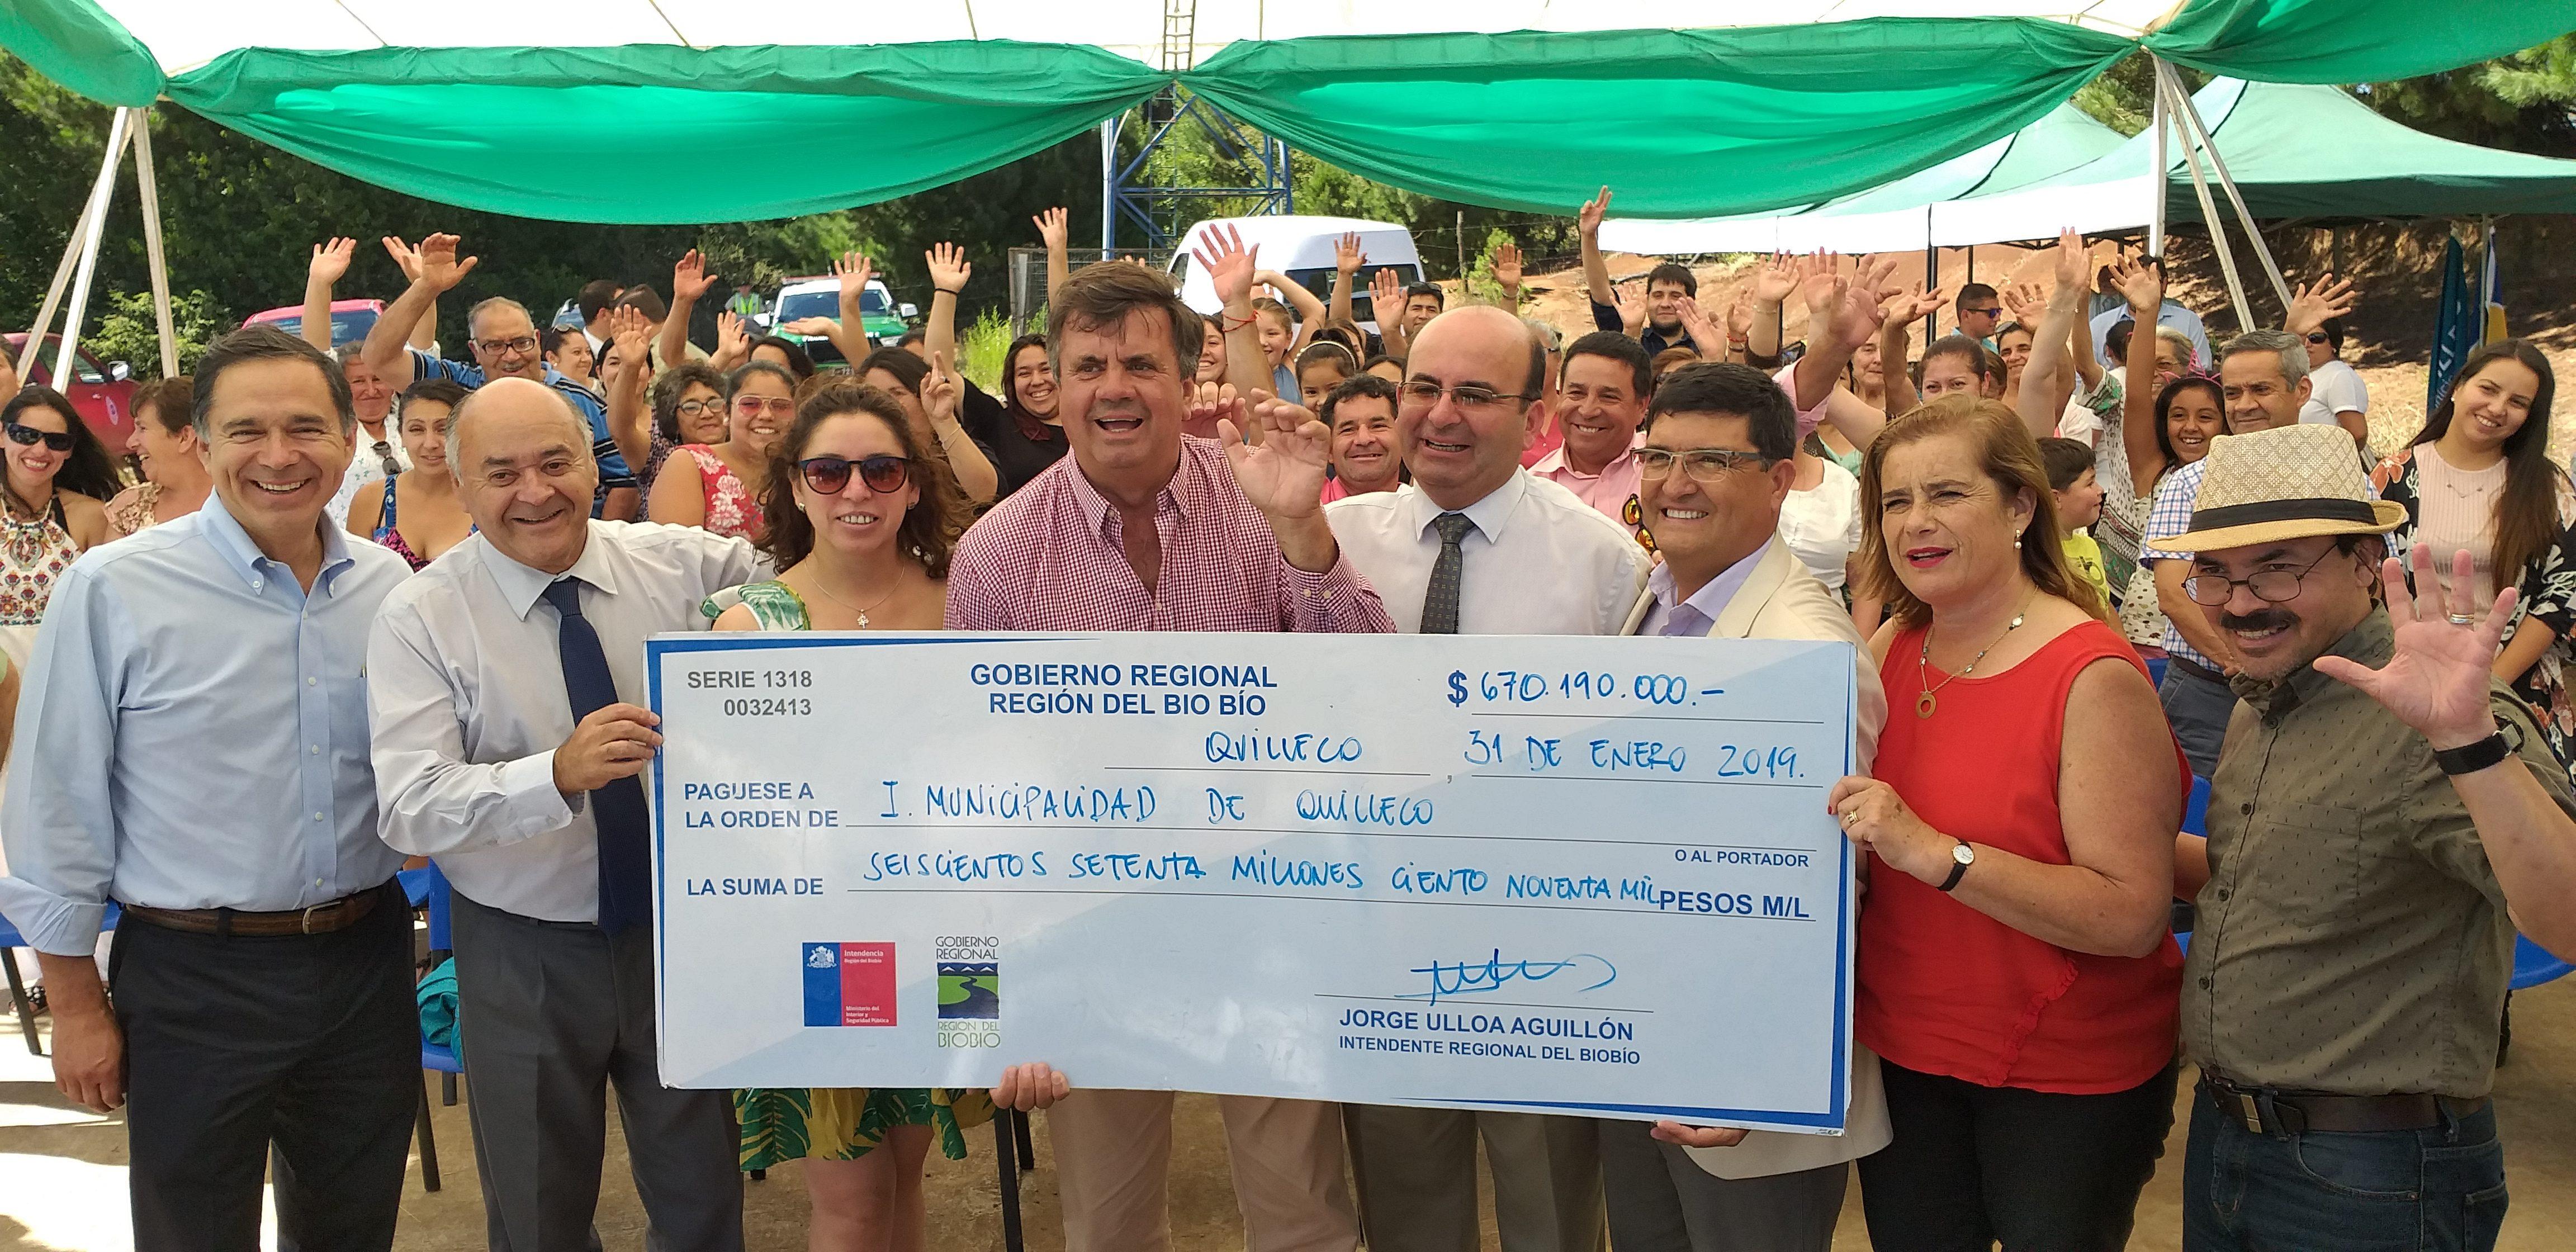 Gobierno Regional traspasa  recursos  al municipio para Alcantarillado y Agua Potable  en población Juan Pablo II y Santa Elena.